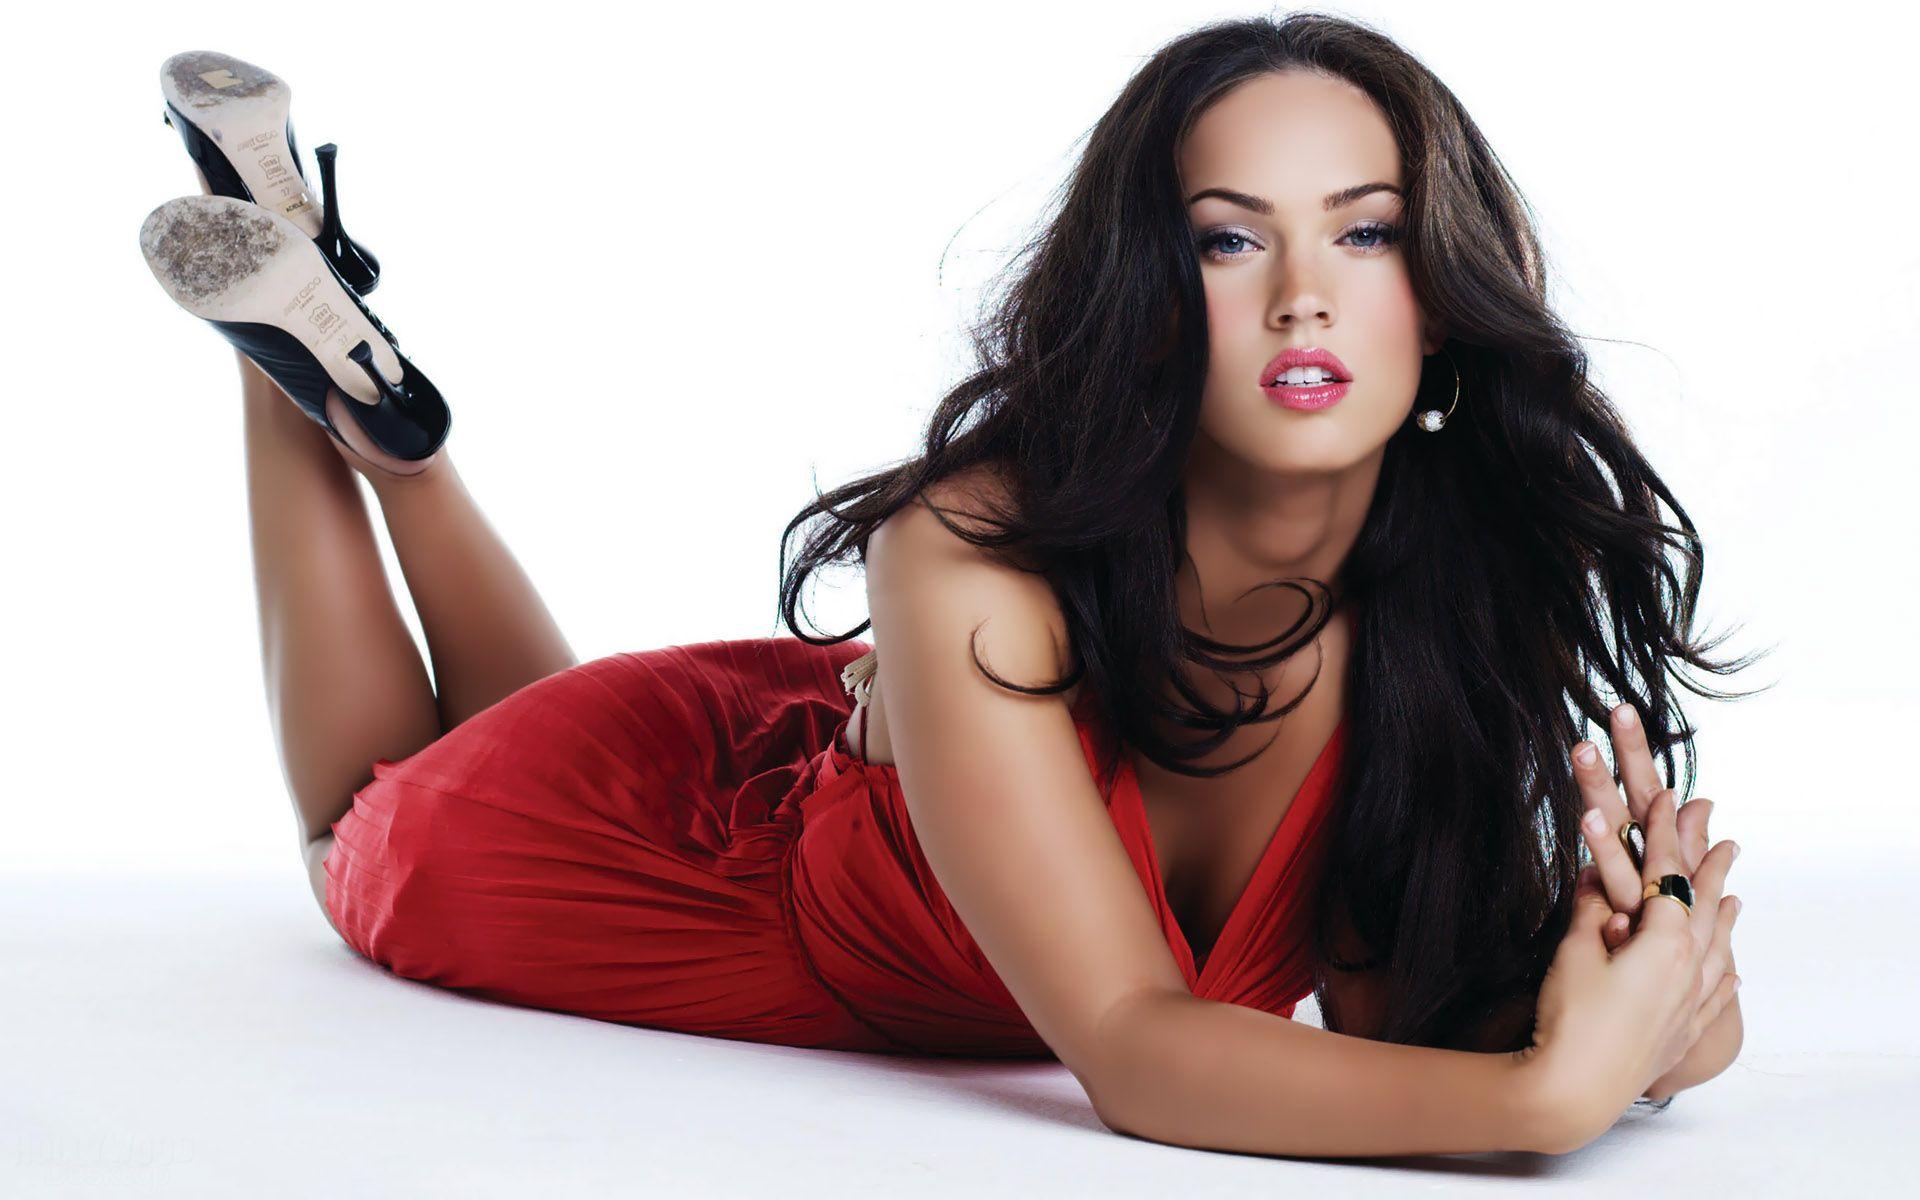 Megan Fox In Red Dress Wallpaper - http://www.gbwallpapers.com ...